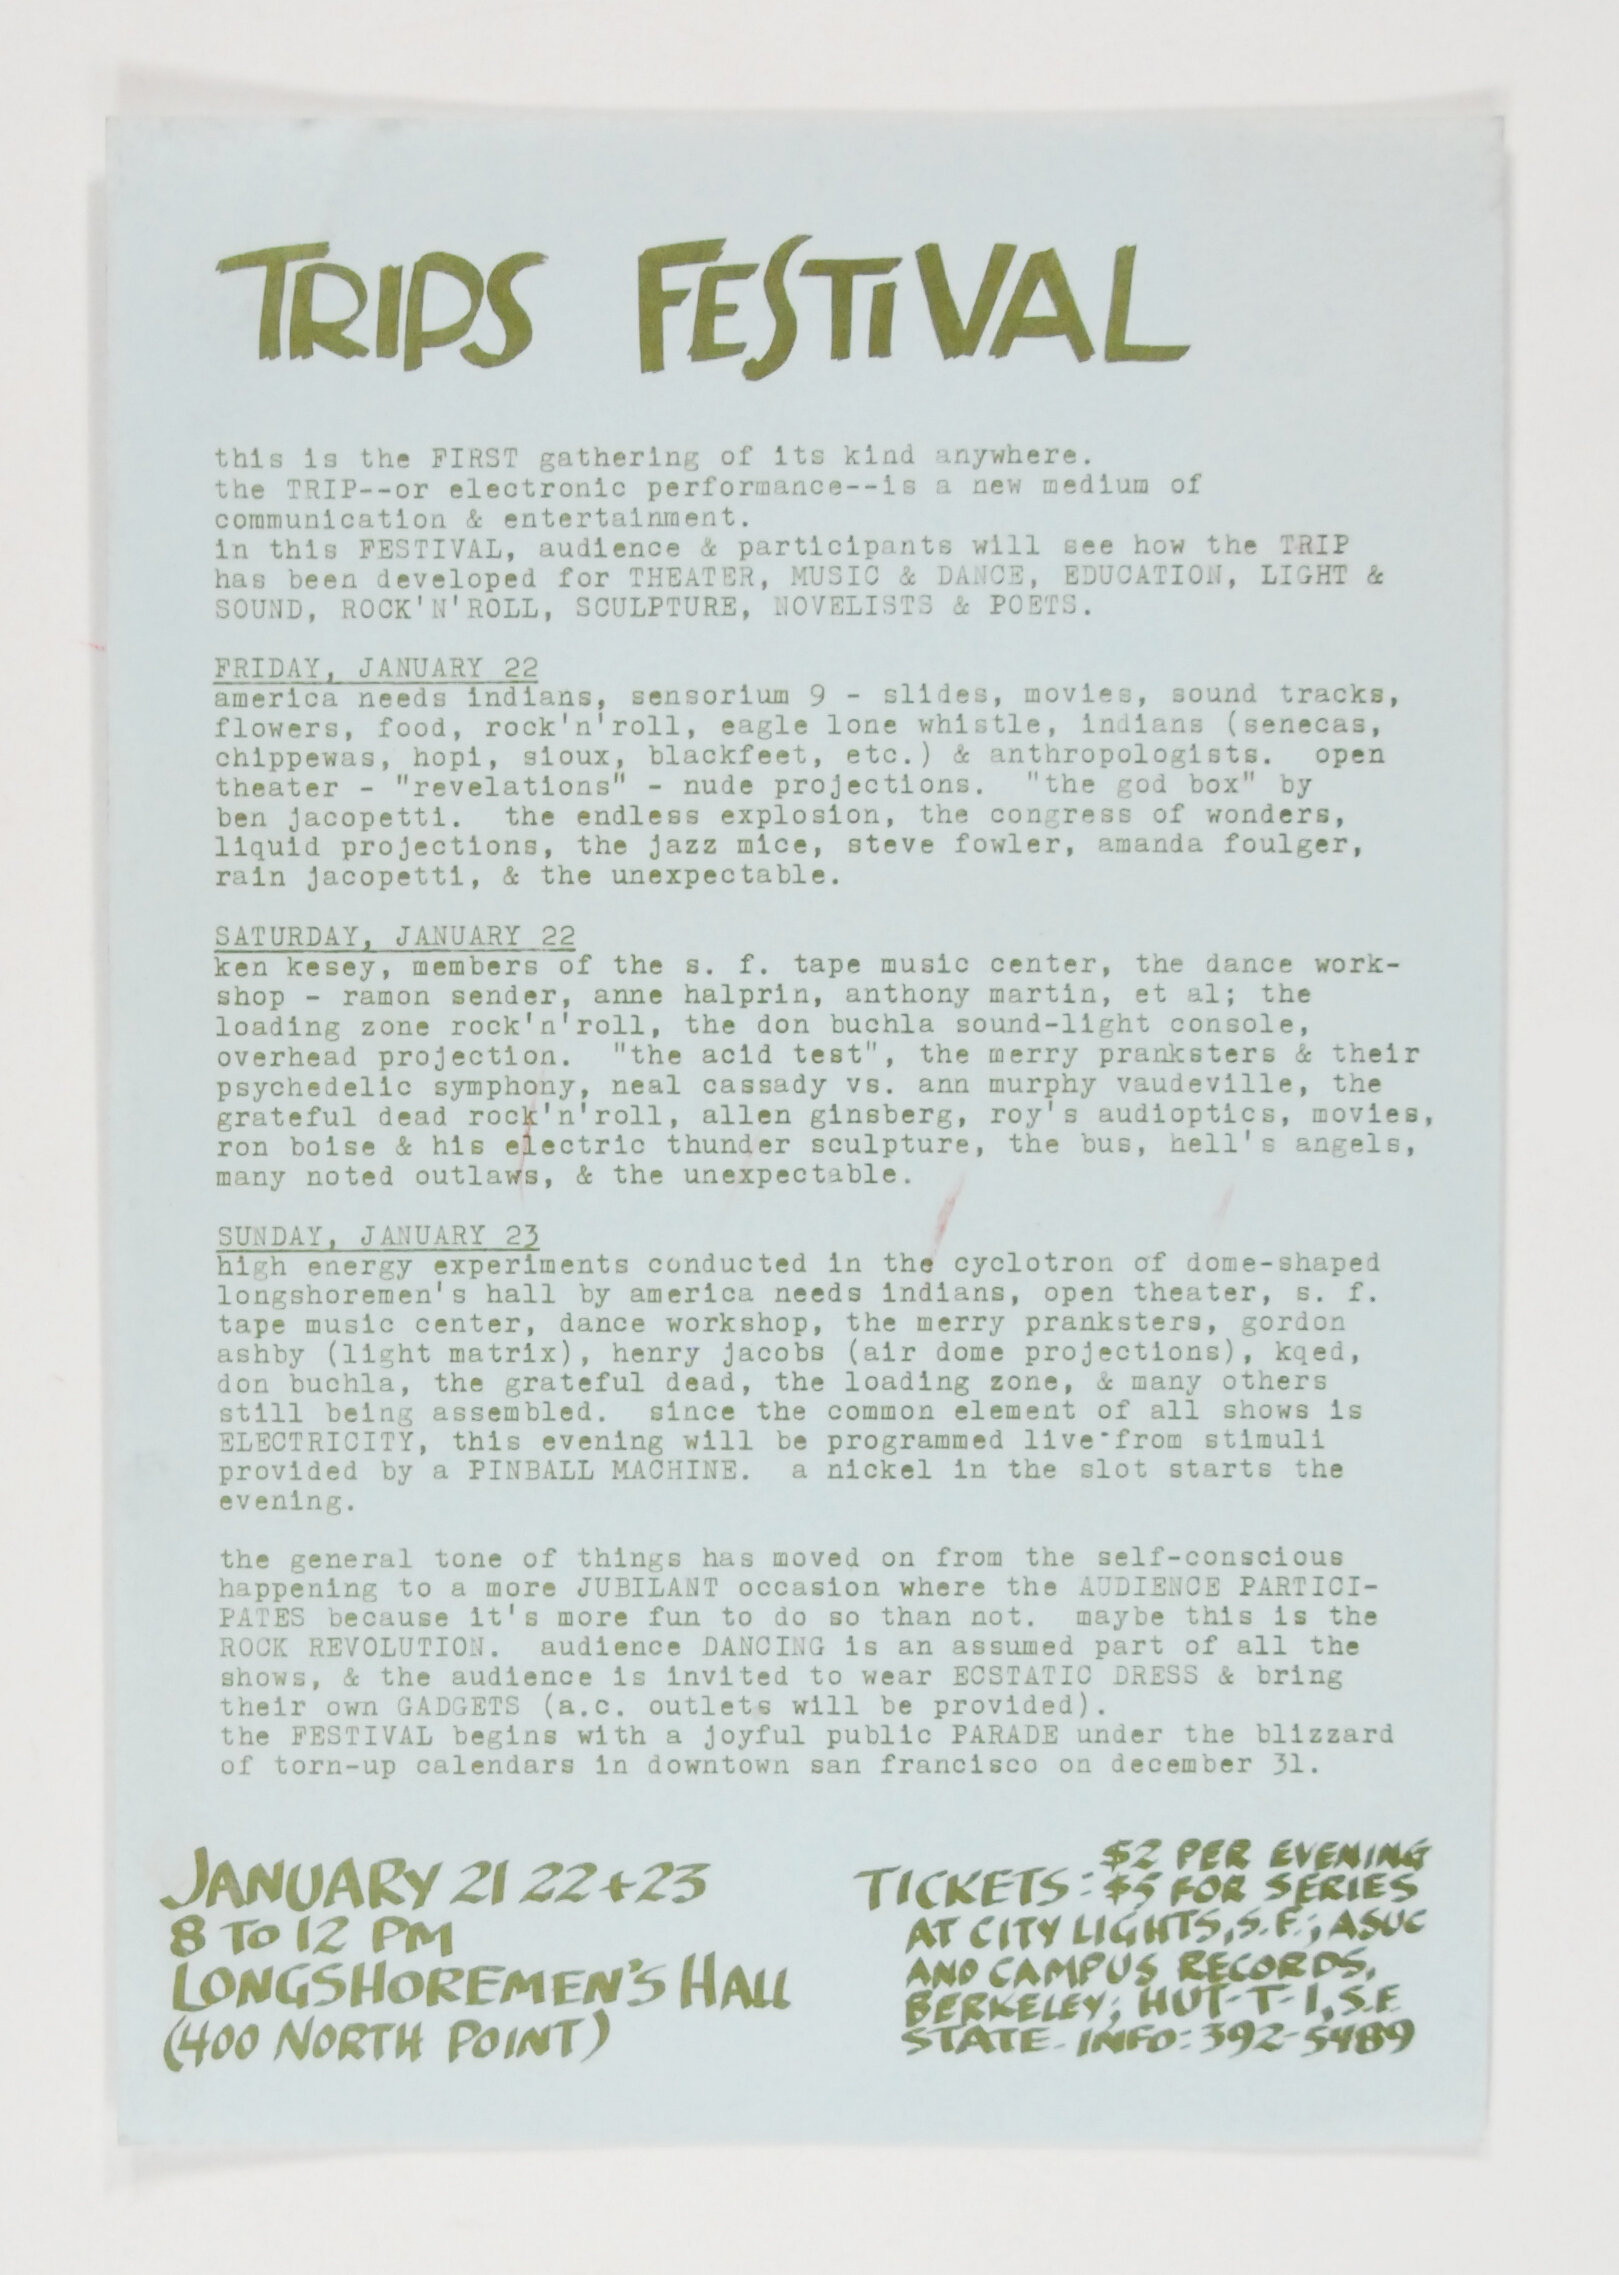 Trips Festival Longshoreman's Hall 1966 Handbill